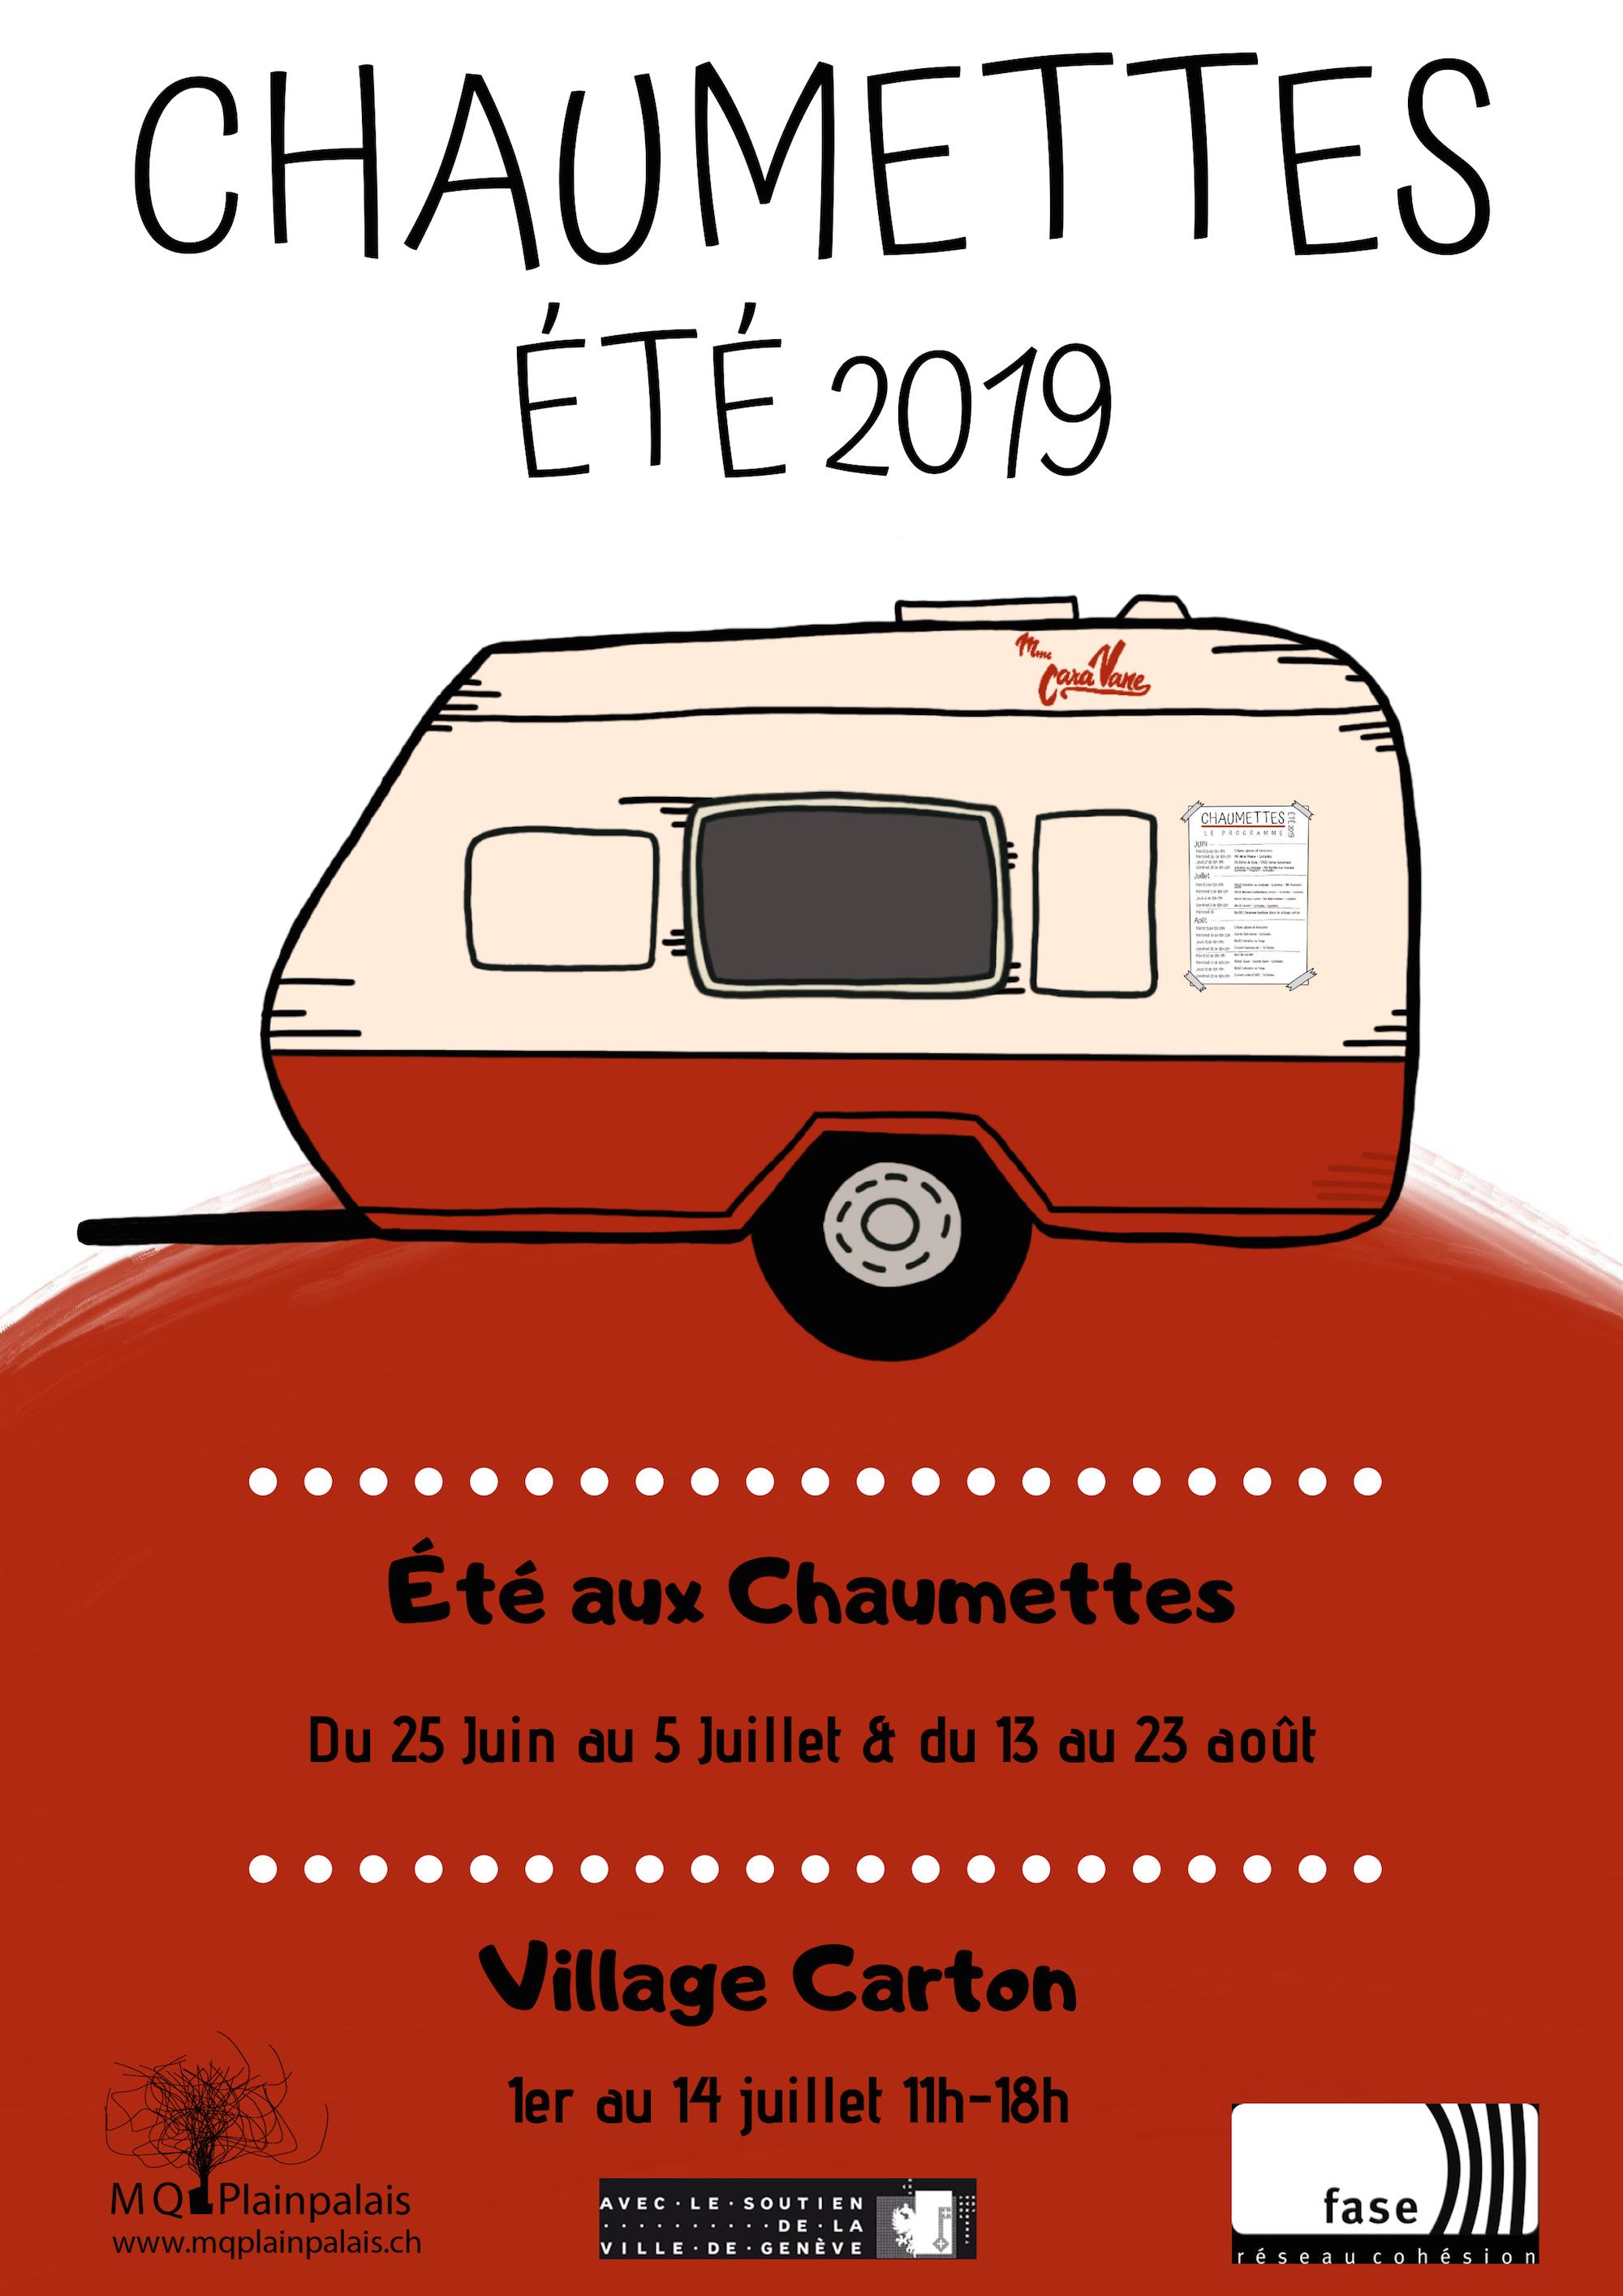 CHAUMETTES ETE 2019